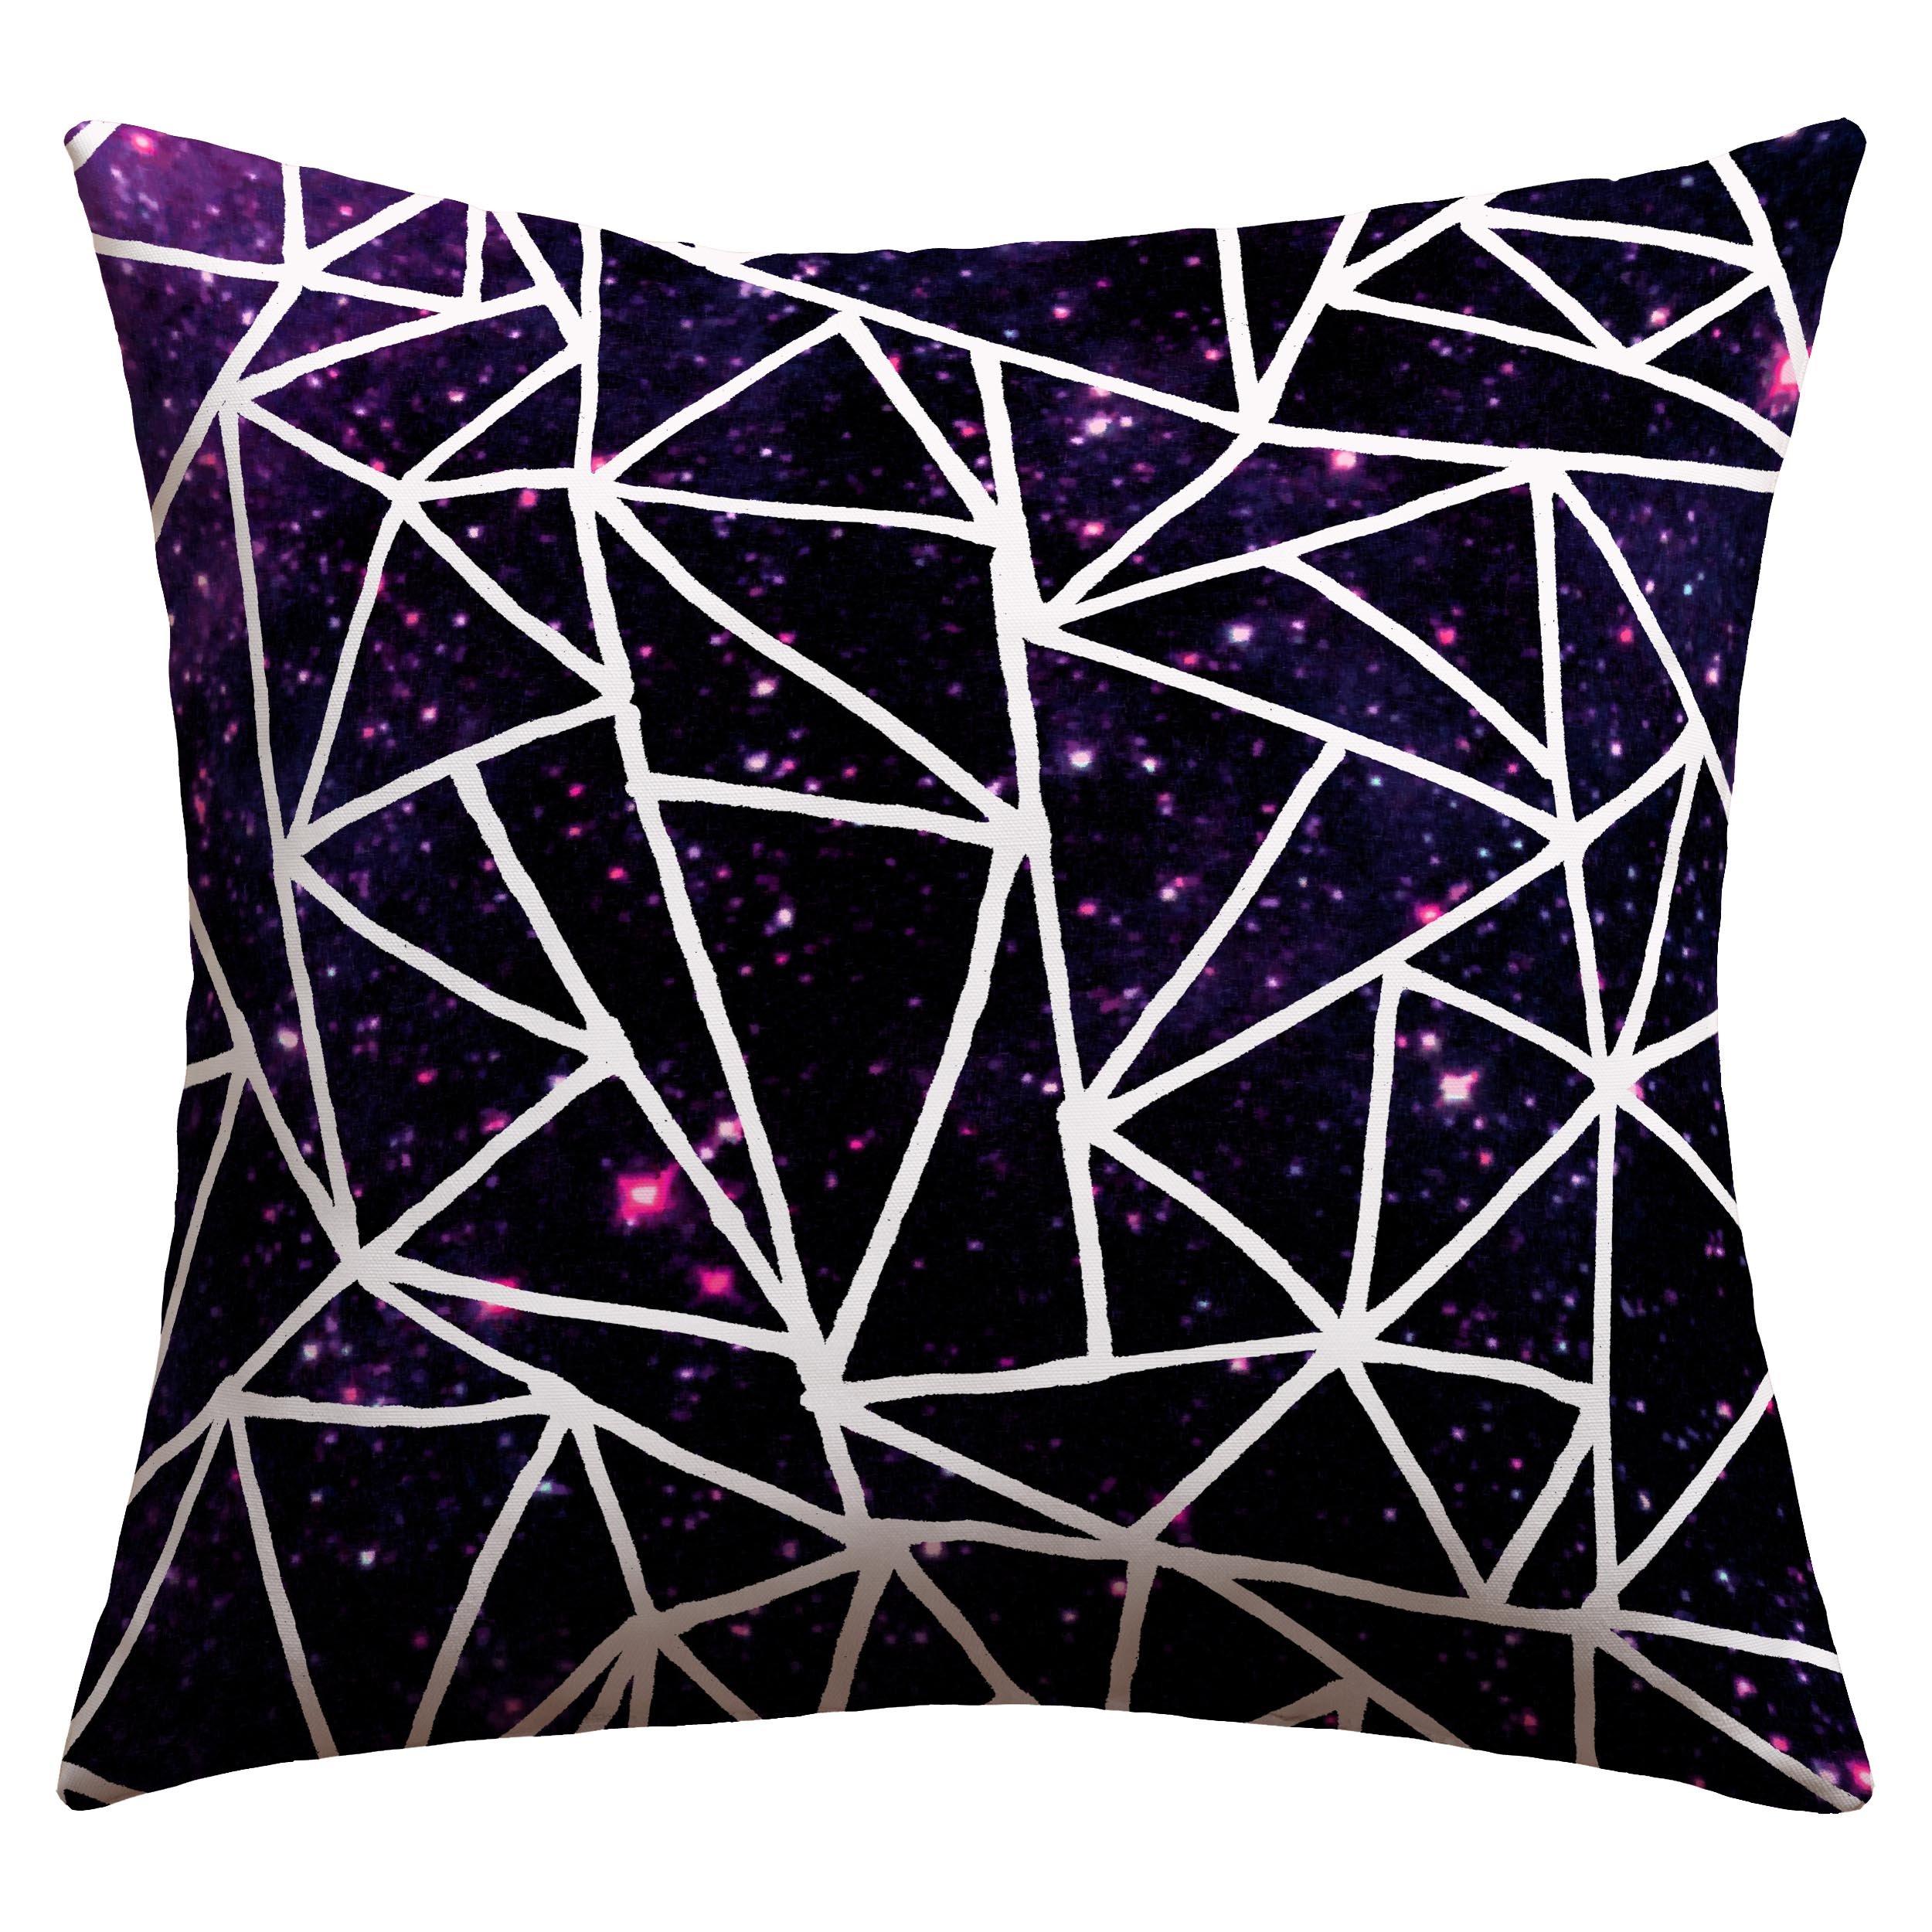 Deny Designs Fimbis Nostromo Rear Window Outdoor Throw Pillow, 20 x 20